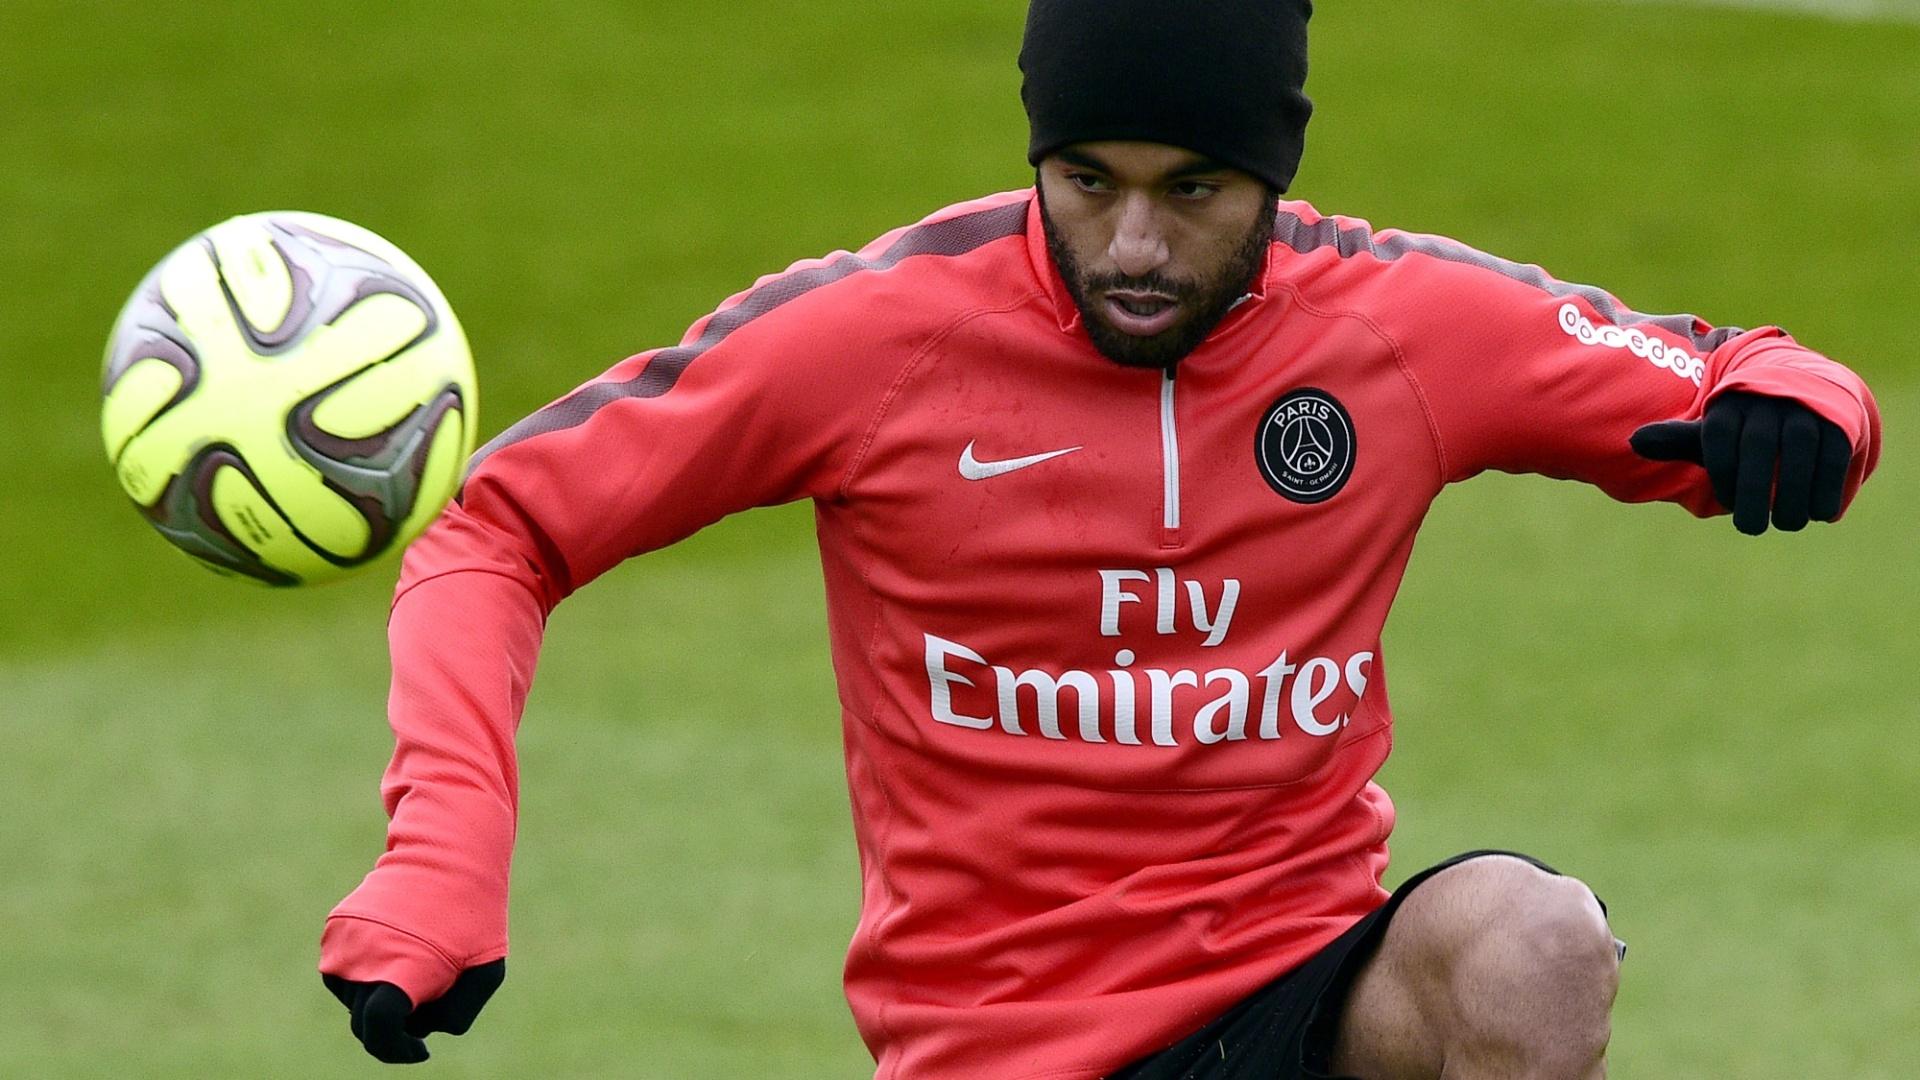 Após recuperação, Lucas participa de treino do Paris Saint-Germain antes de jogo contra Barcelona